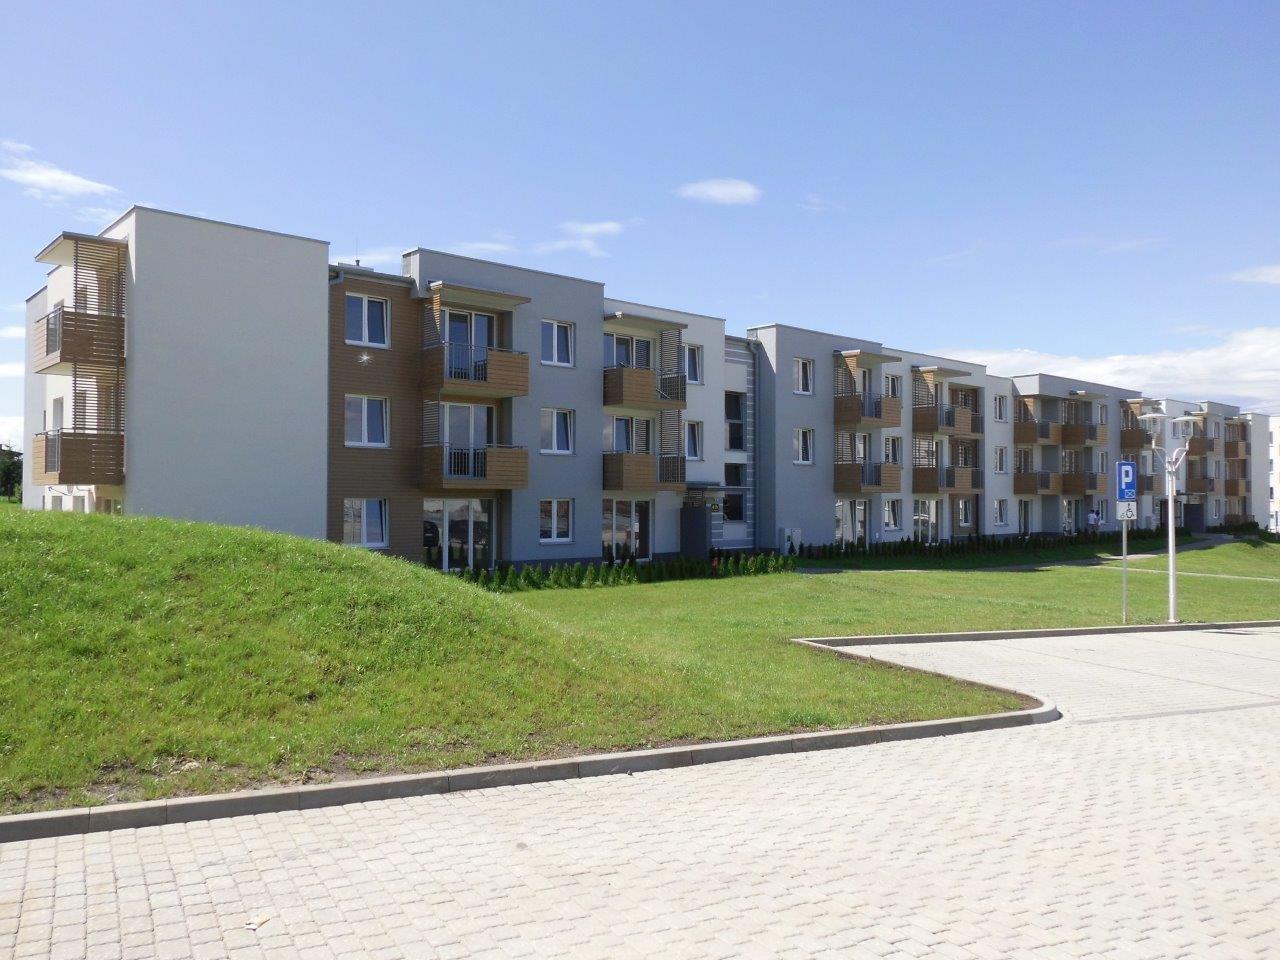 zdjęcie kolejnej Wspólnoty Mieszkaniowej z Katowic